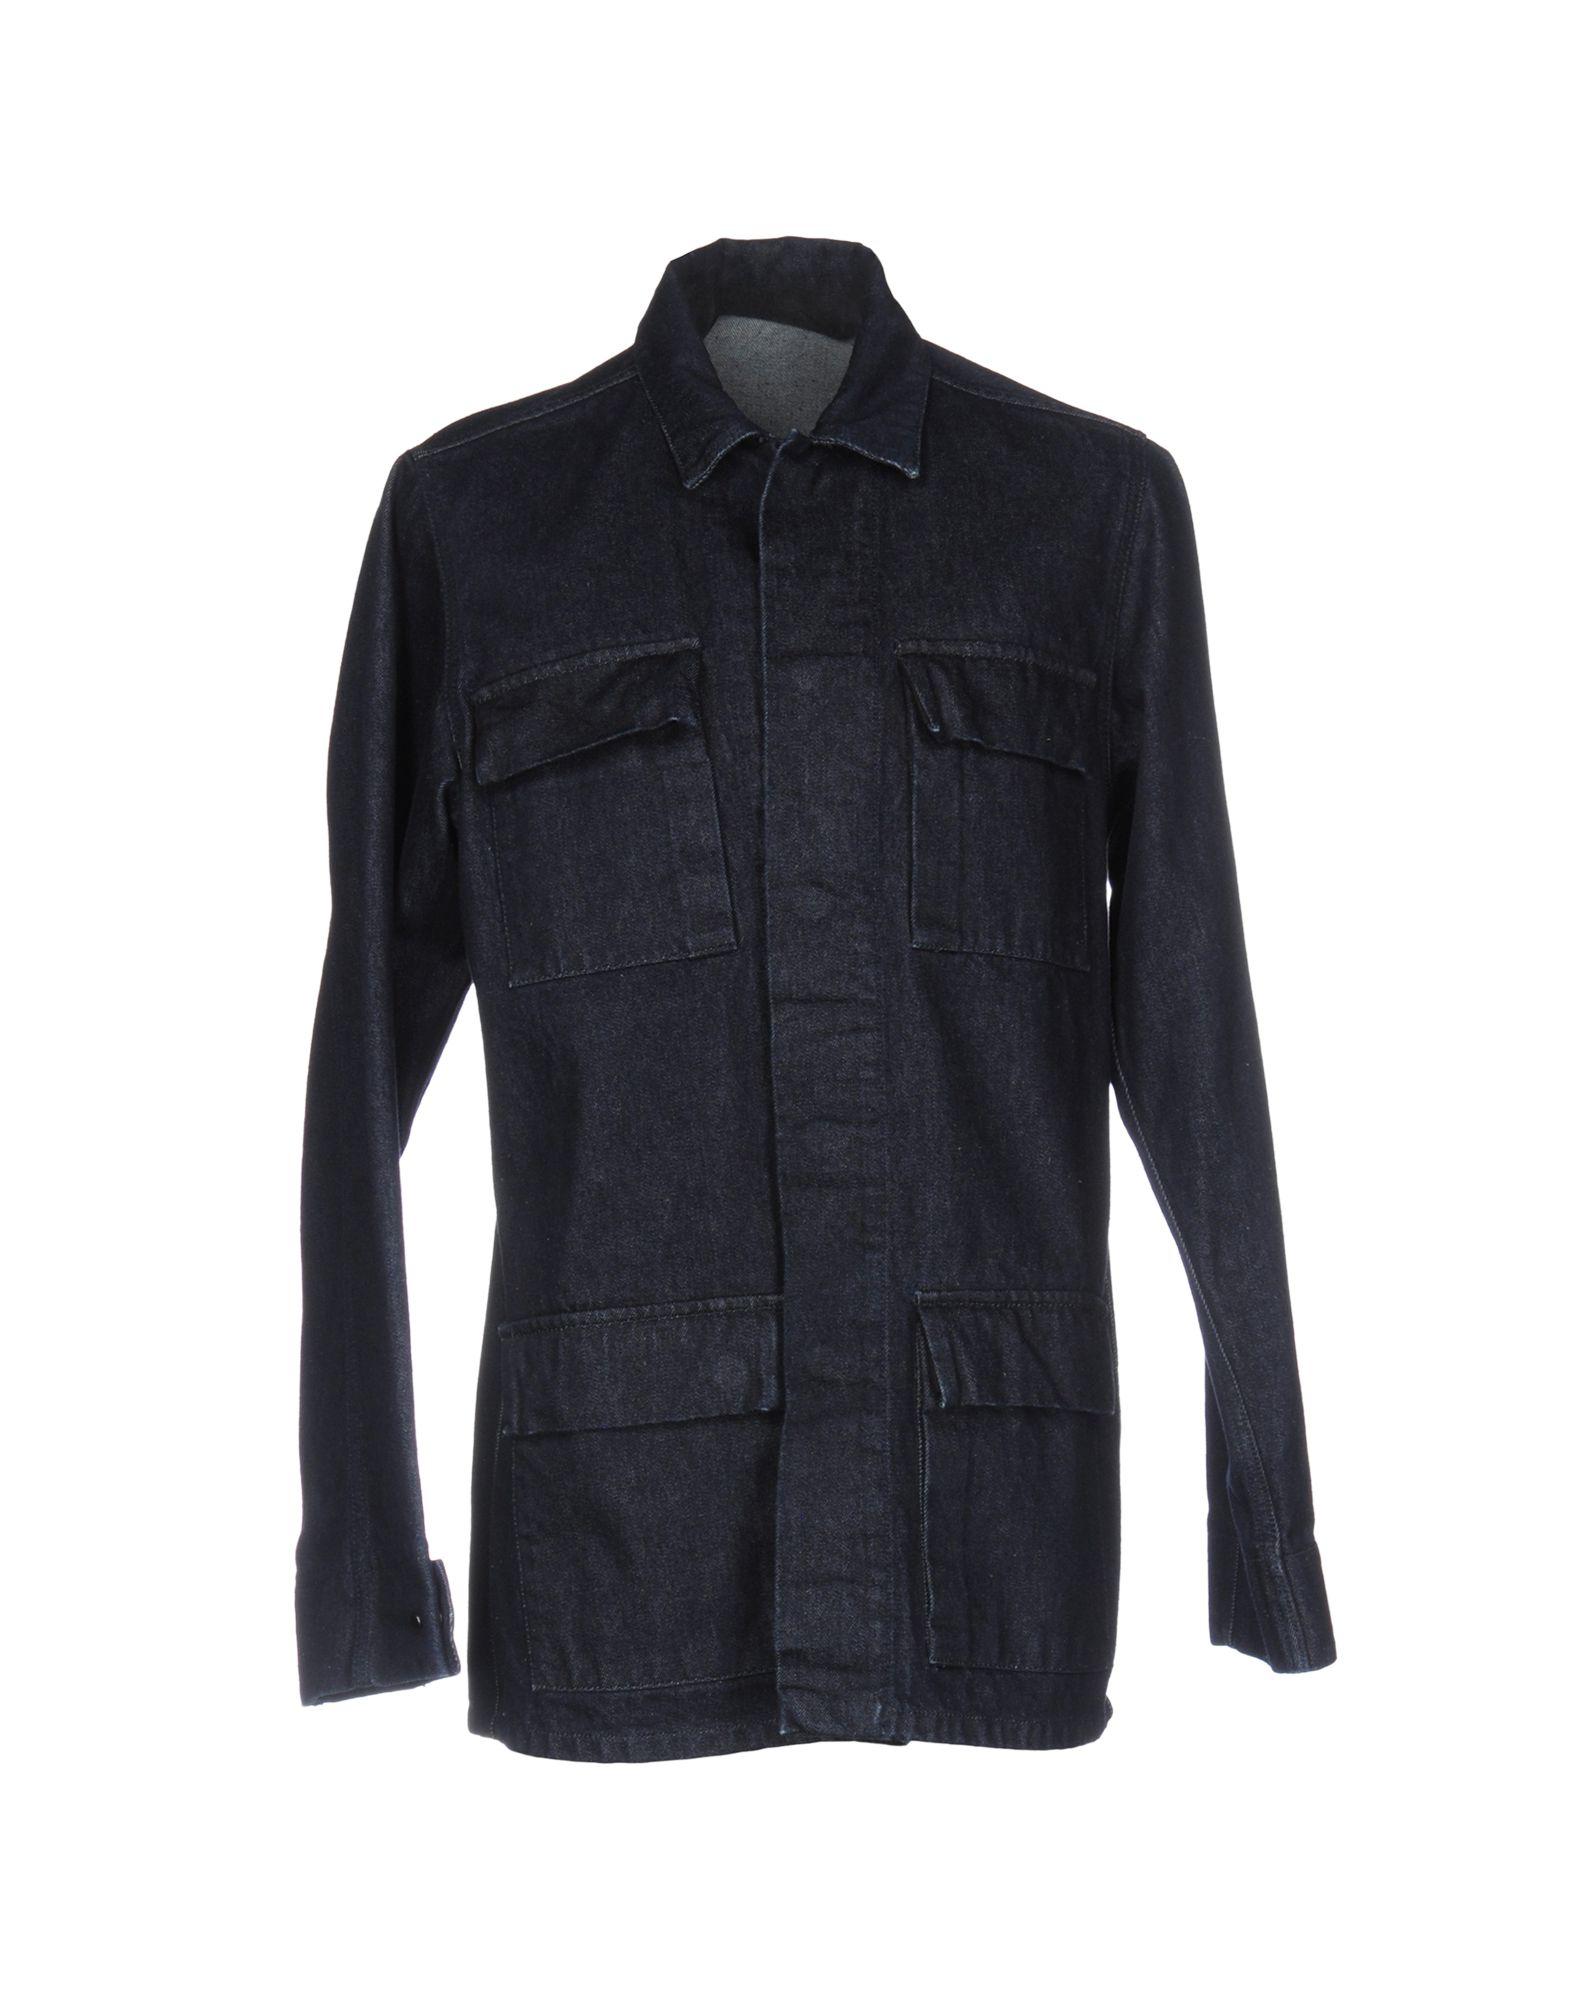 цены на RING Джинсовая верхняя одежда в интернет-магазинах